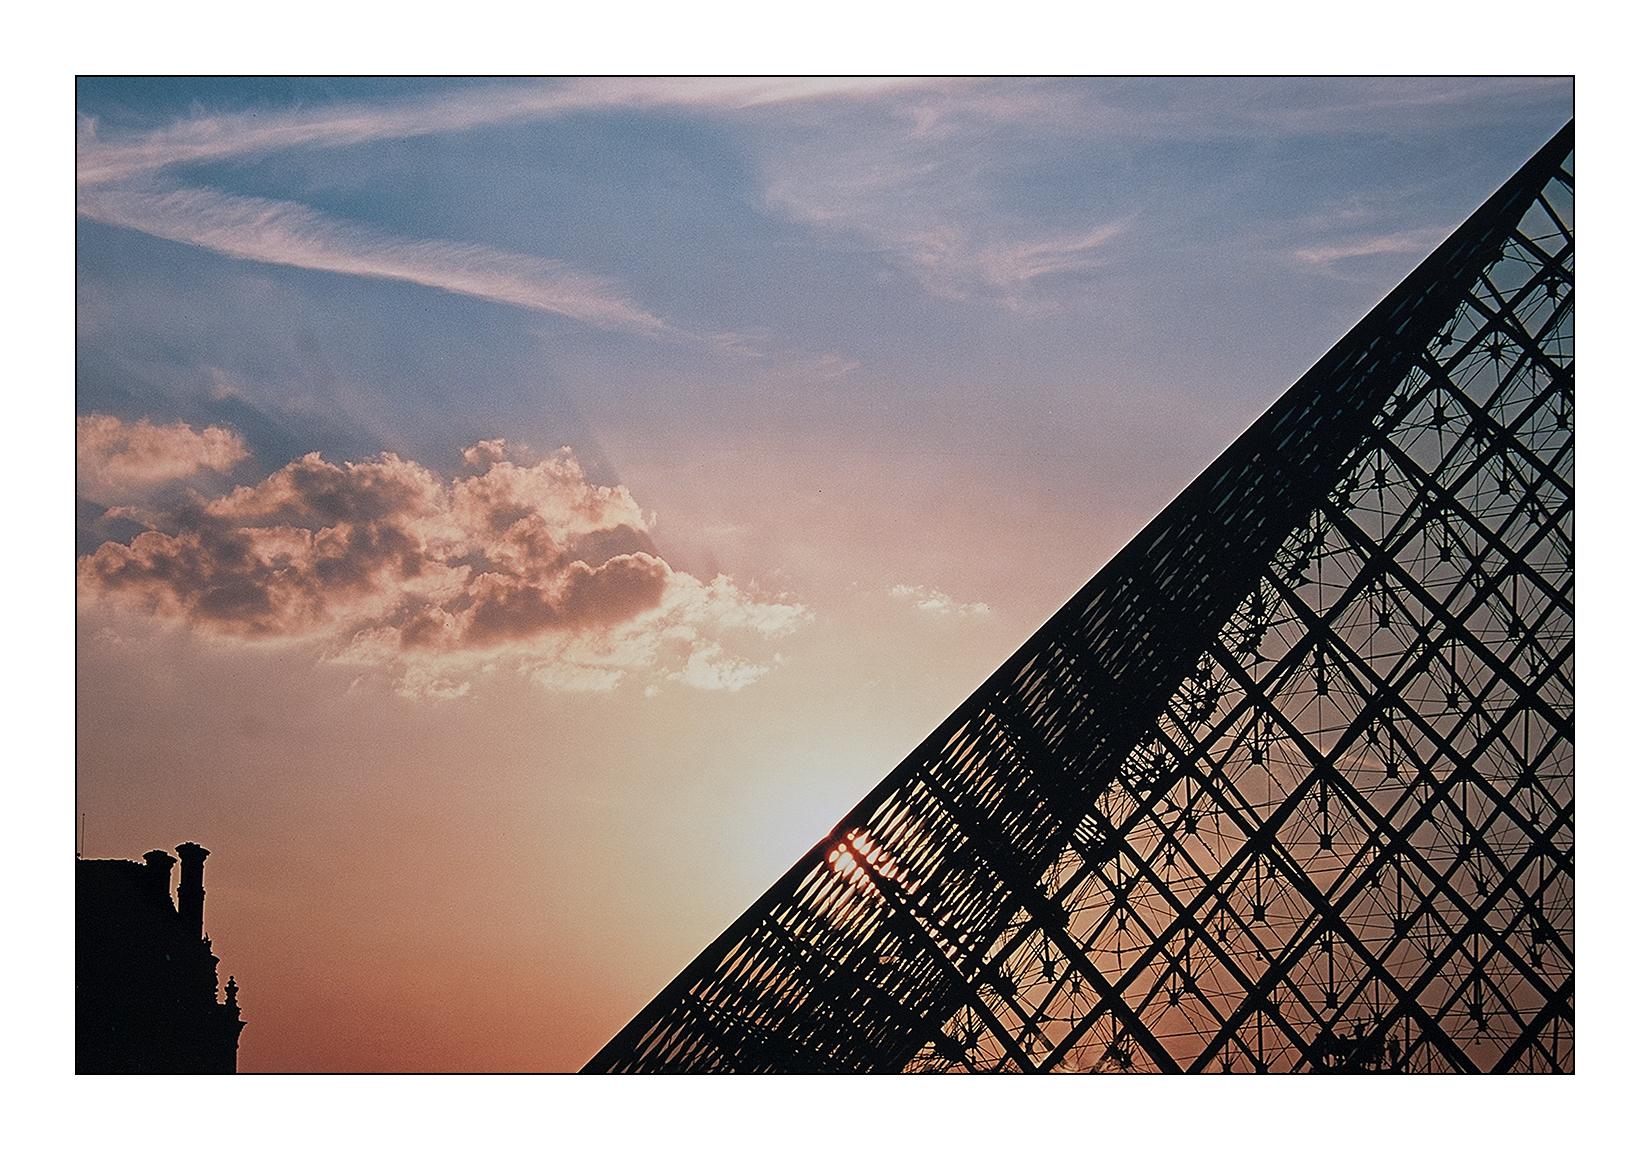 louvre-pyramide-paris-soleil-reflet